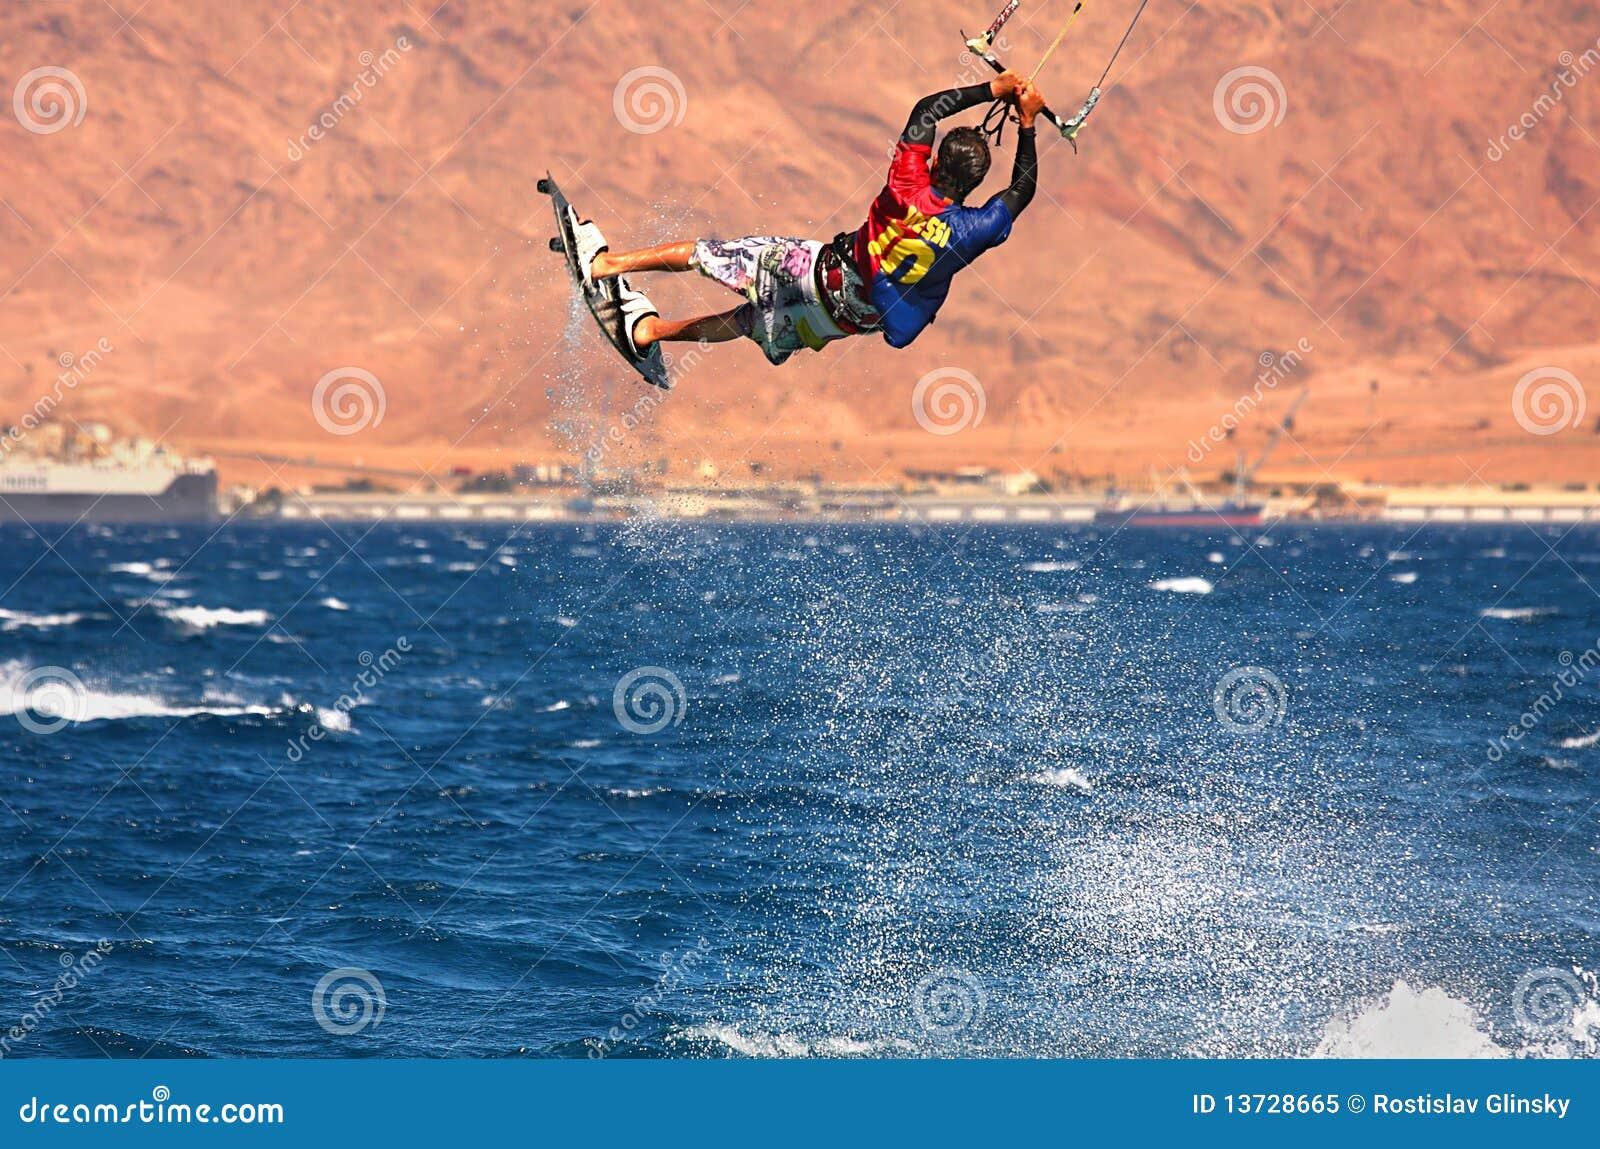 Kitesurfer on the Red Sea.